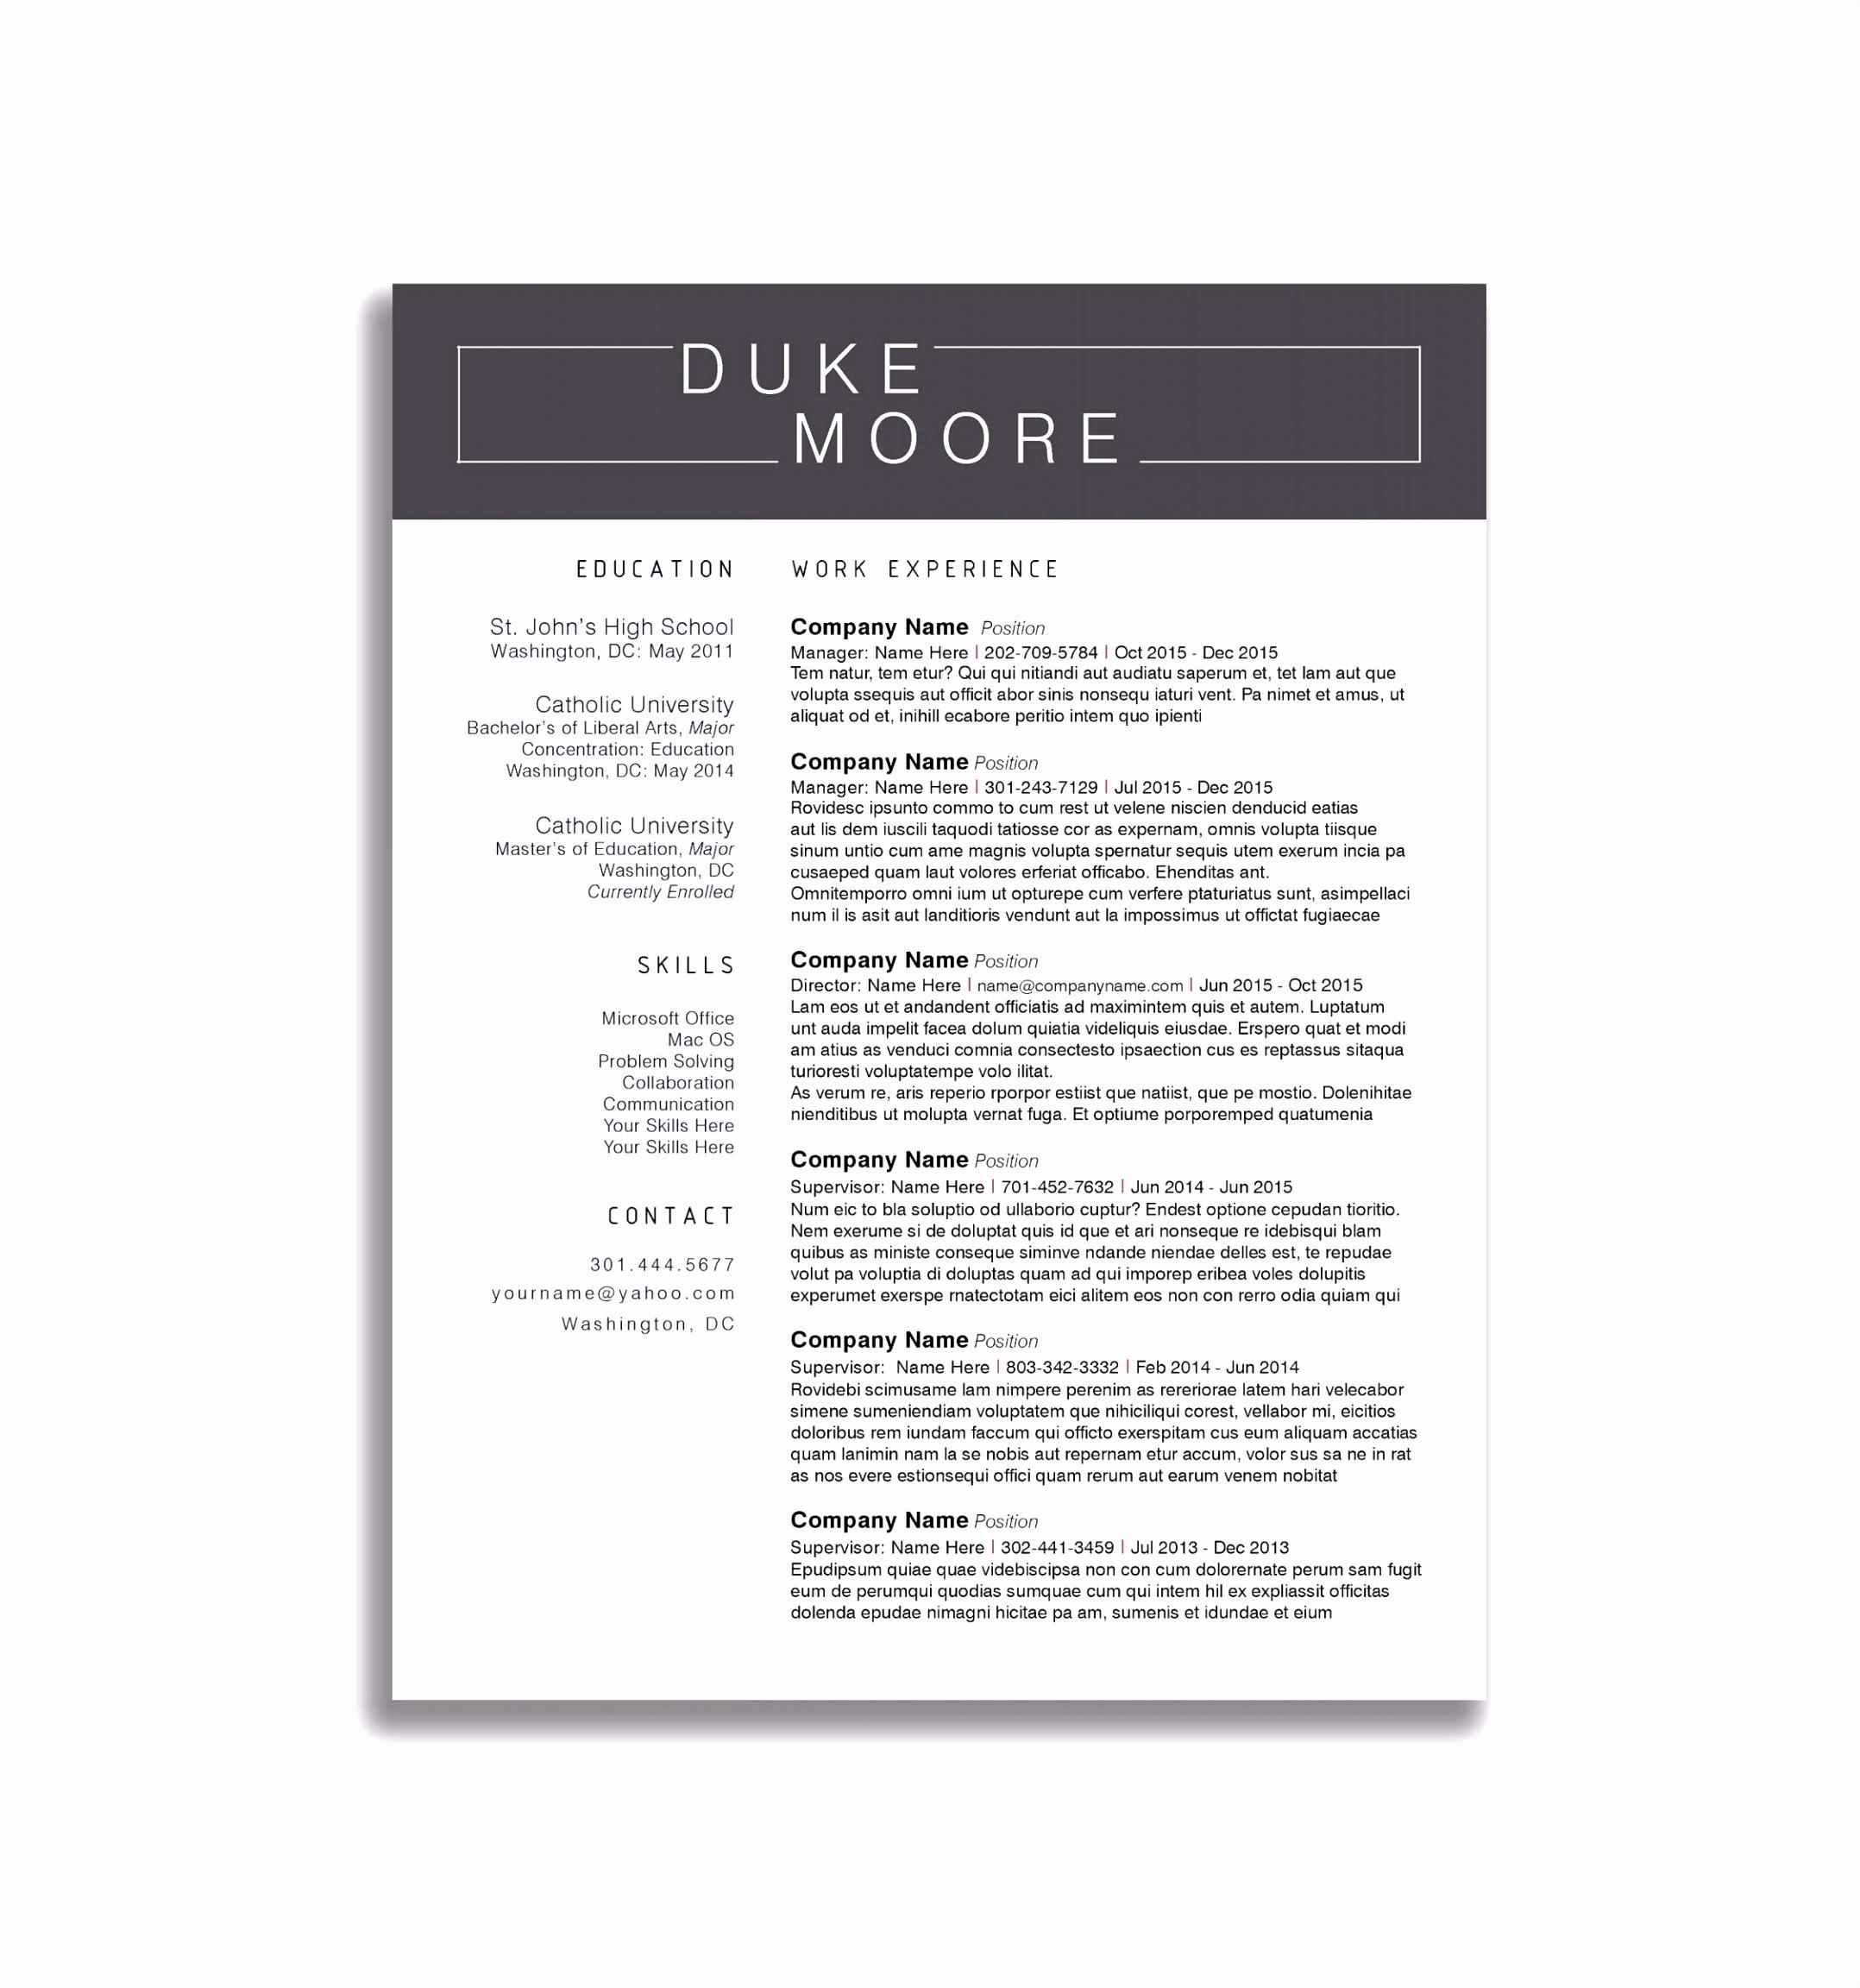 7 vorlage abrechnung veranstaltung sampletemplatex1234. Black Bedroom Furniture Sets. Home Design Ideas